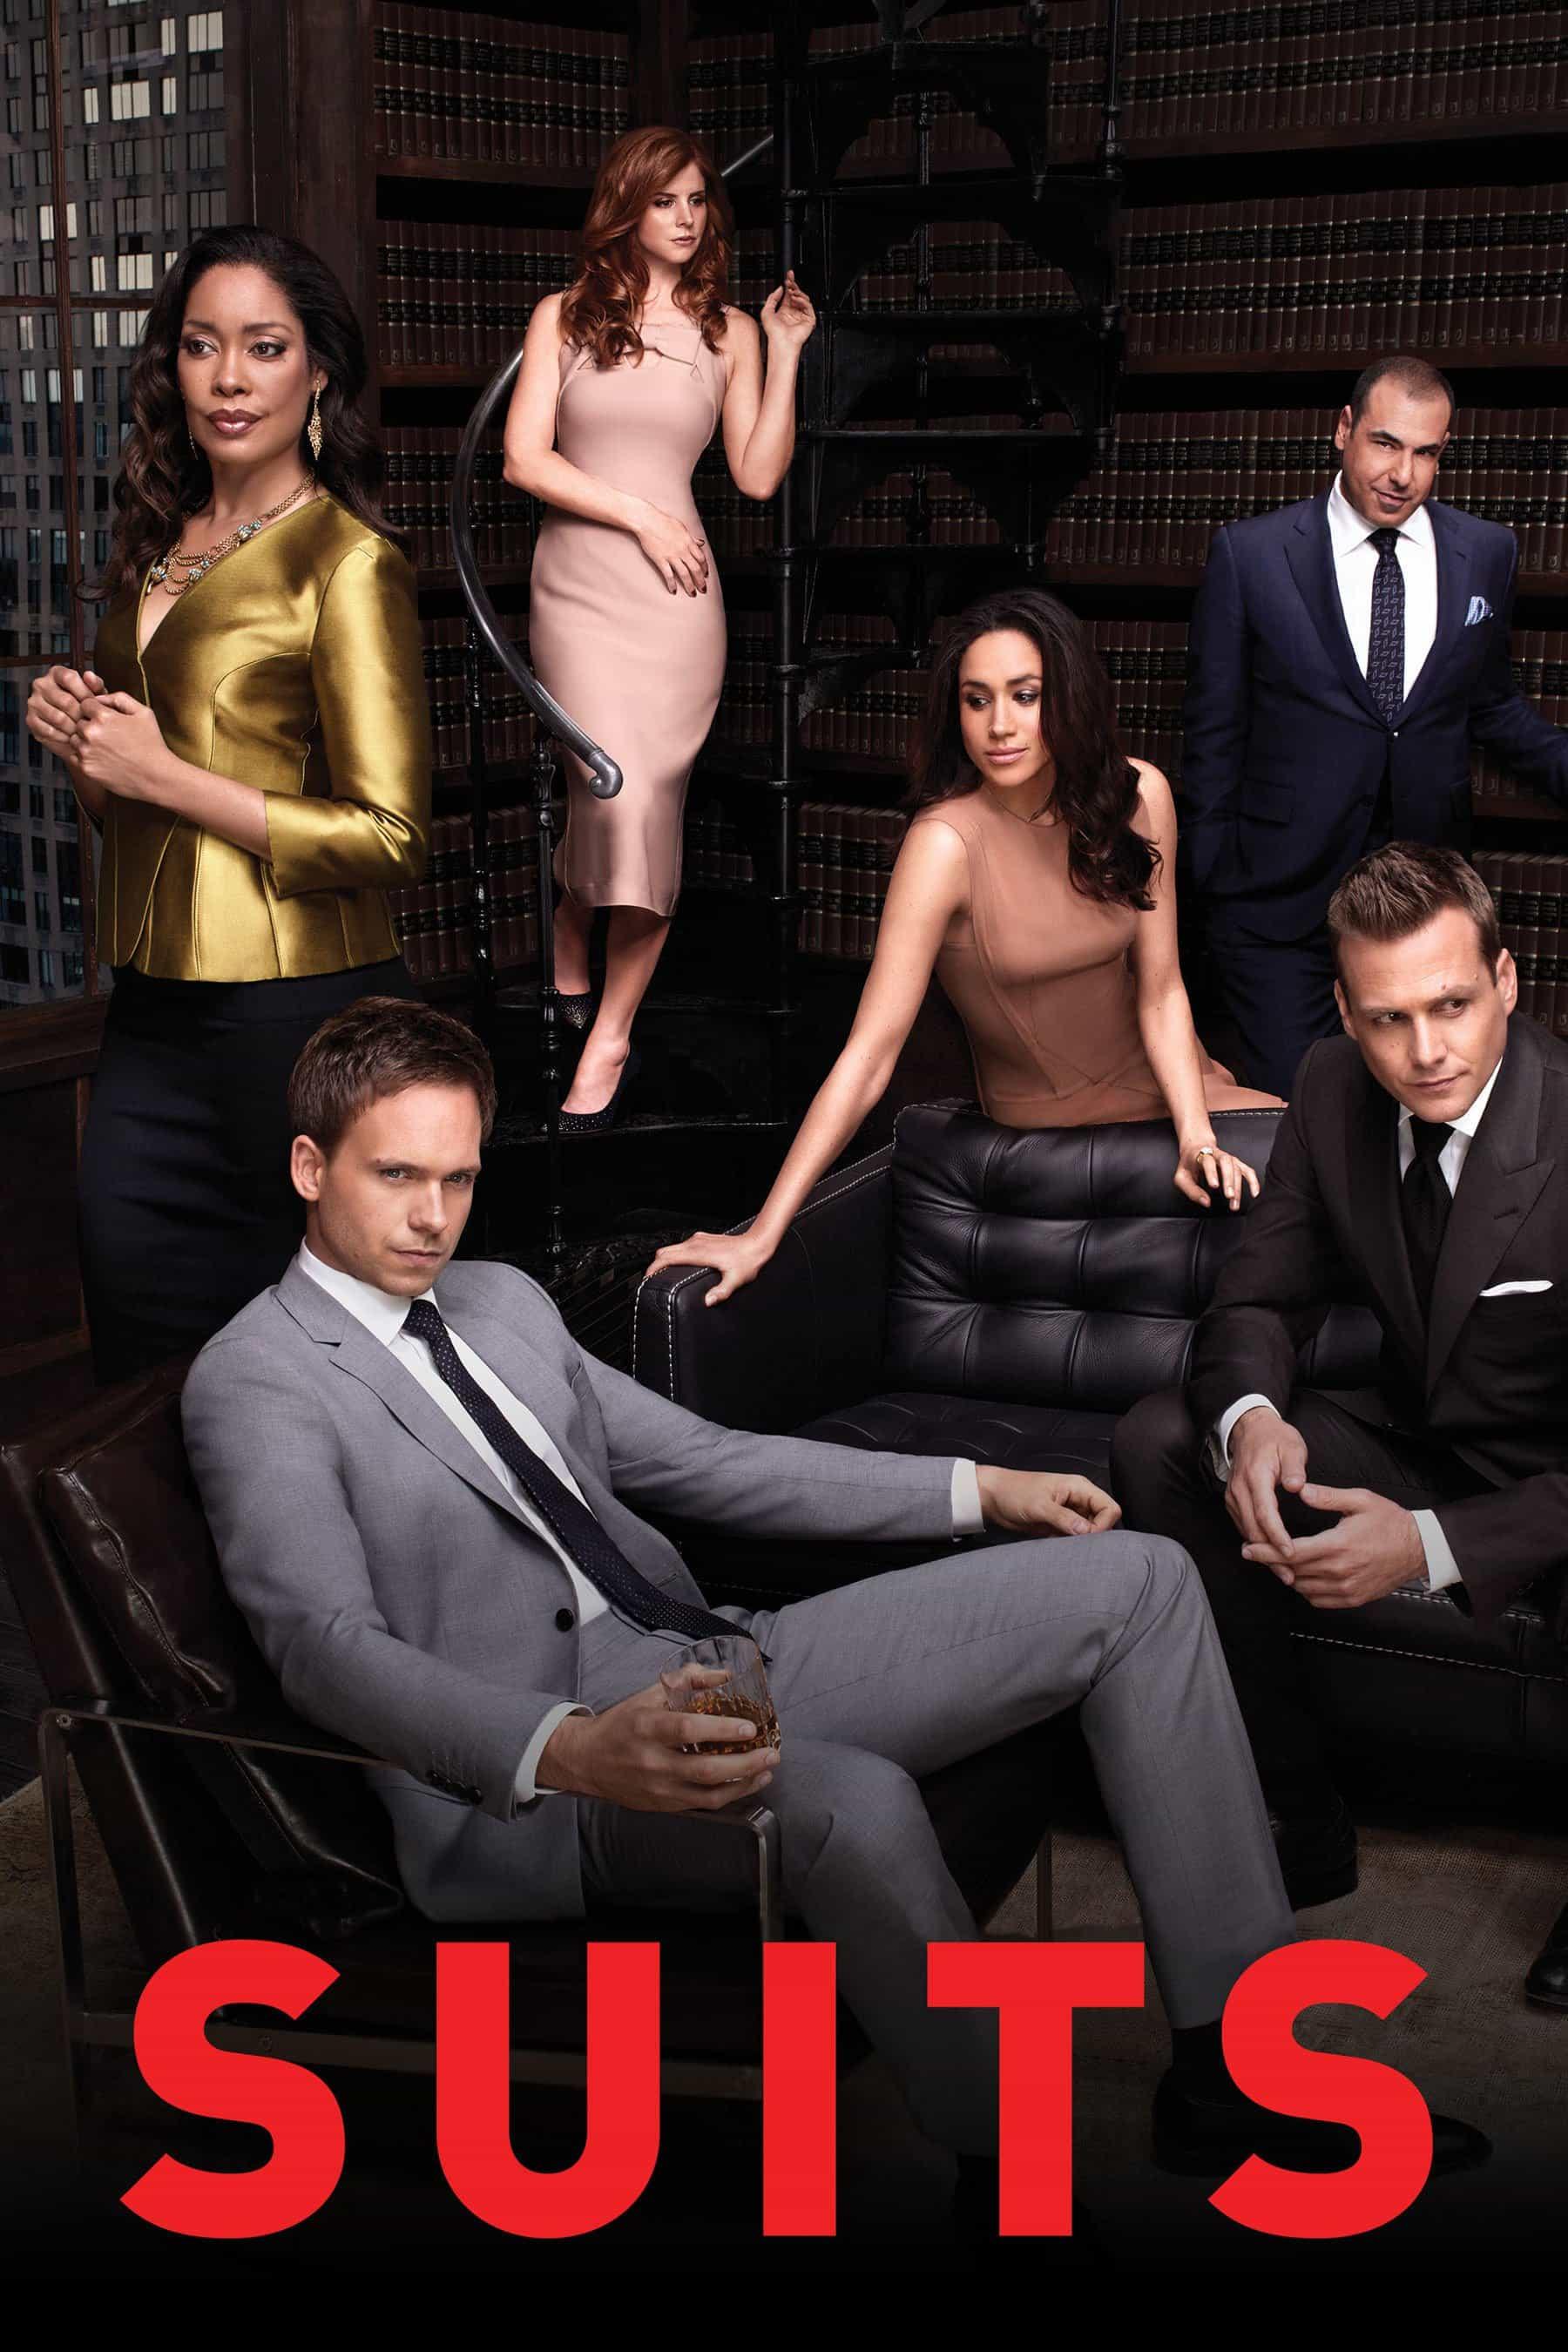 Suits, 2011